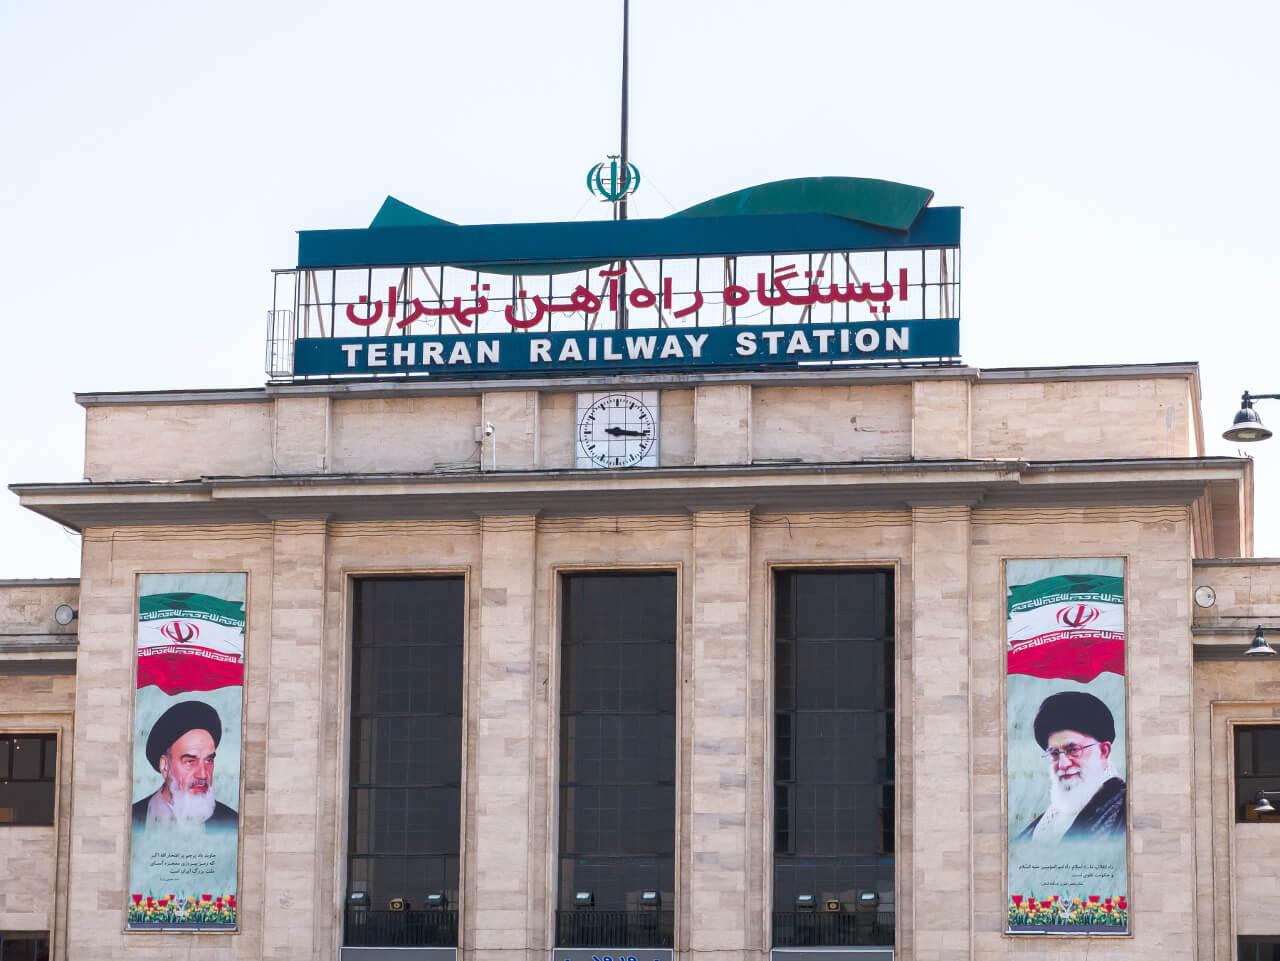 Podobizny ajatollahów przed dworcem kolejowym w Teheranie